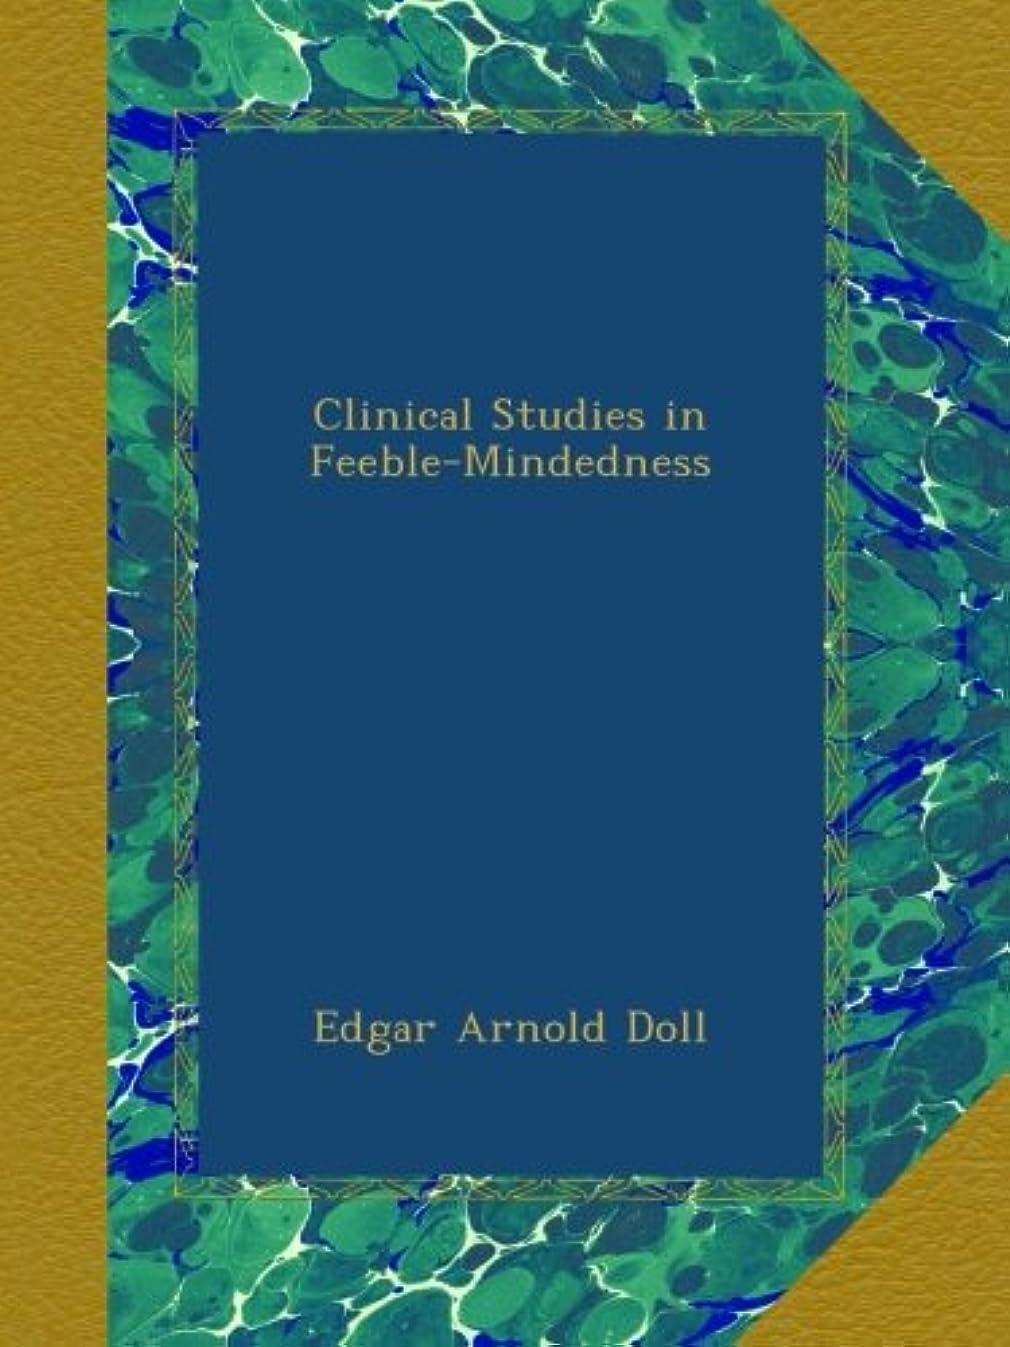 崩壊否認する別れるClinical Studies in Feeble-Mindedness